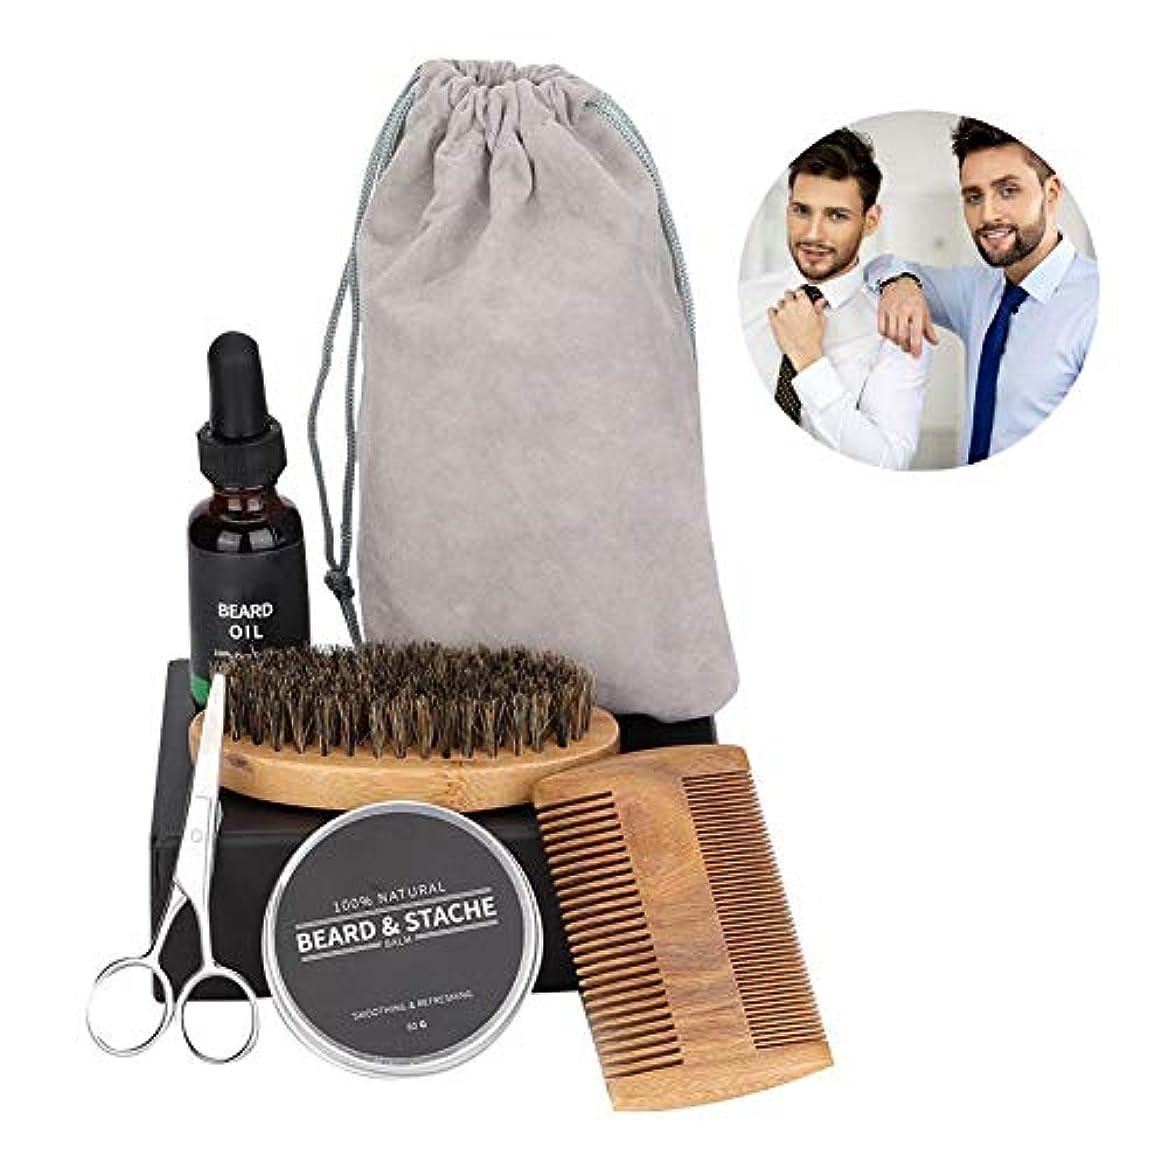 細分化する扱いやすいジョージスティーブンソン髭手入れキット、髭手入れキットを含む男性または父親のための髭成長手入れおよびトリミングキット、髭オイル、髭ケアバーム、櫛、はさみ、ブラシ、収納袋